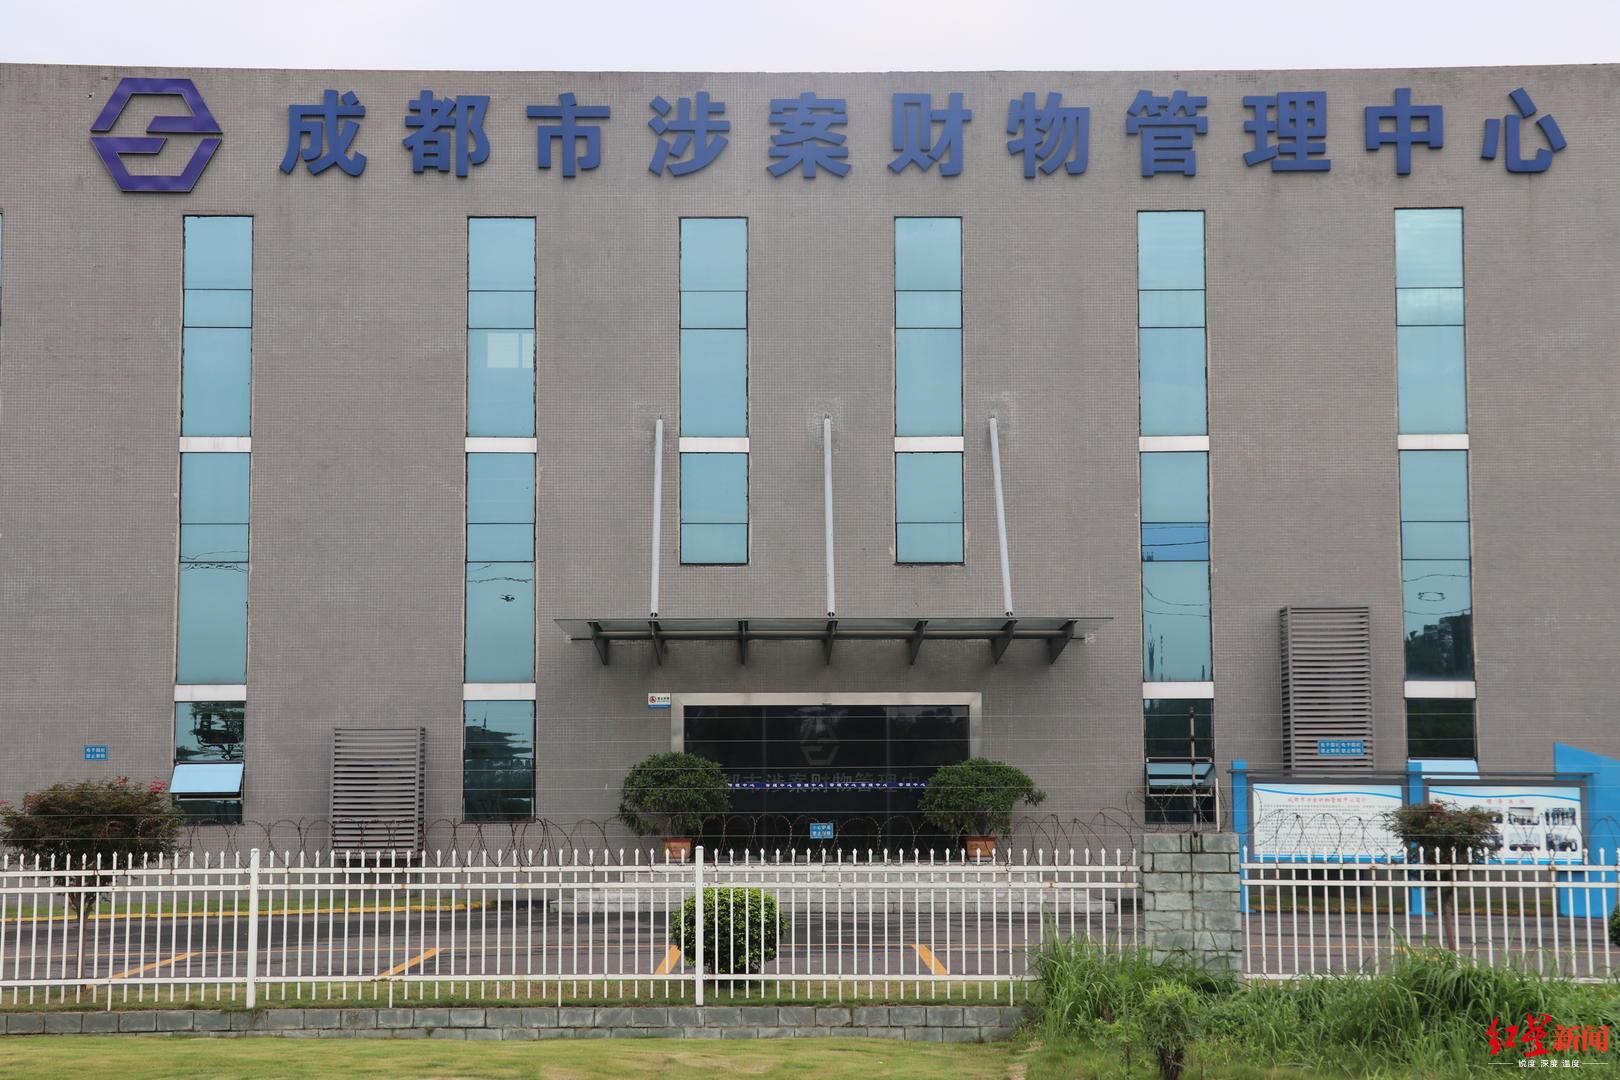 http://www.reviewcode.cn/bianchengyuyan/58304.html